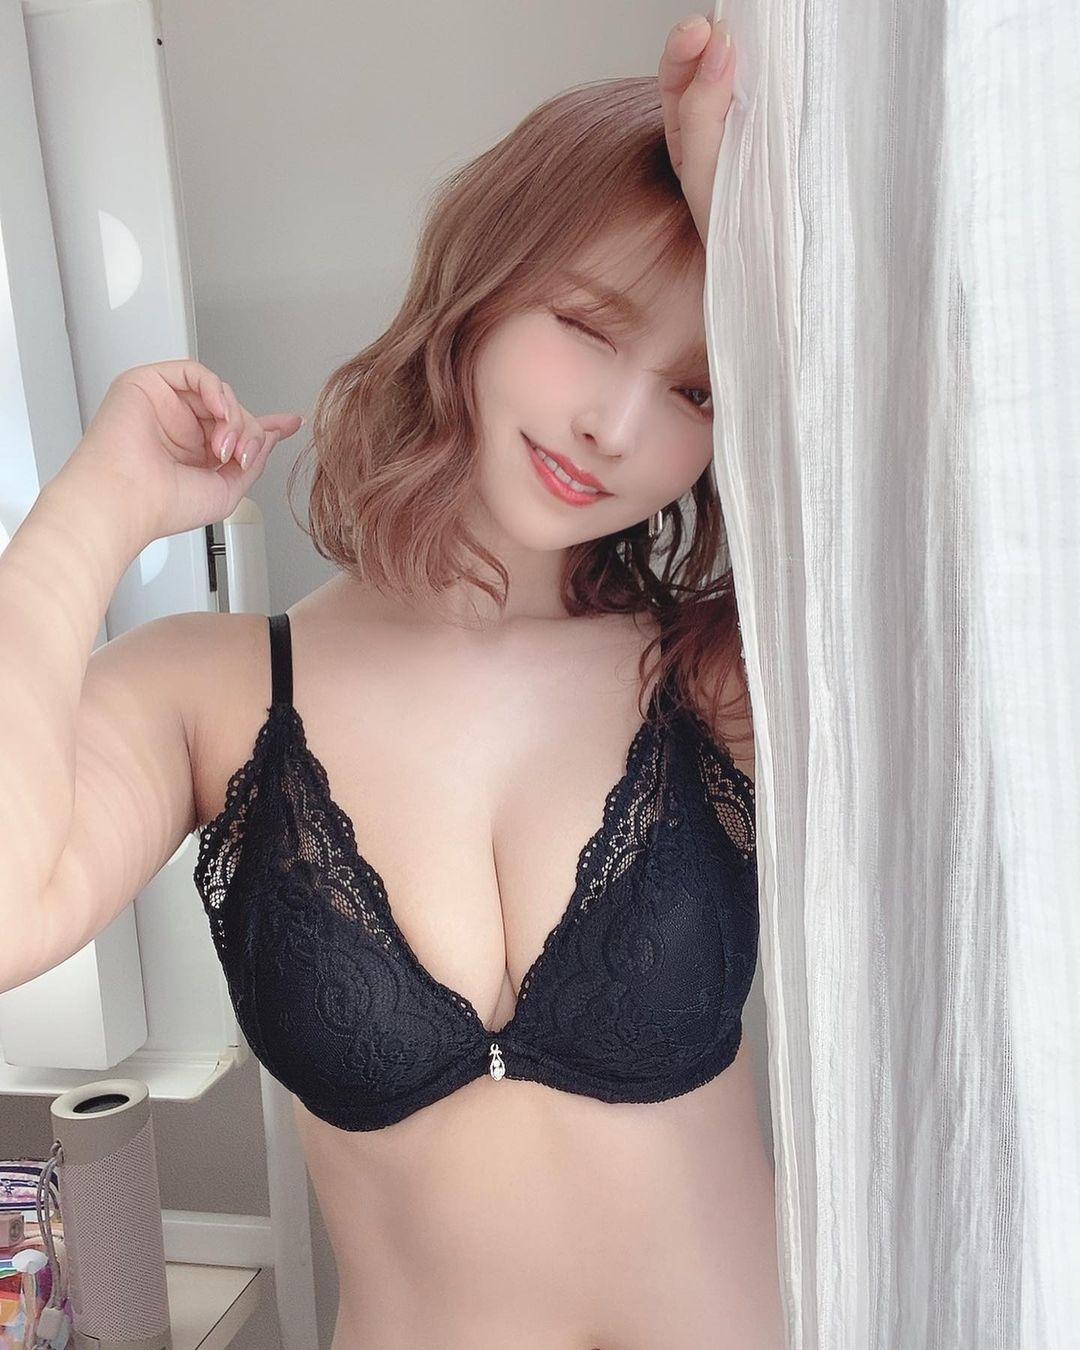 img양평 수미마을 딸기체험농장 체험 후 딸기 찐빵만들기 체험.4